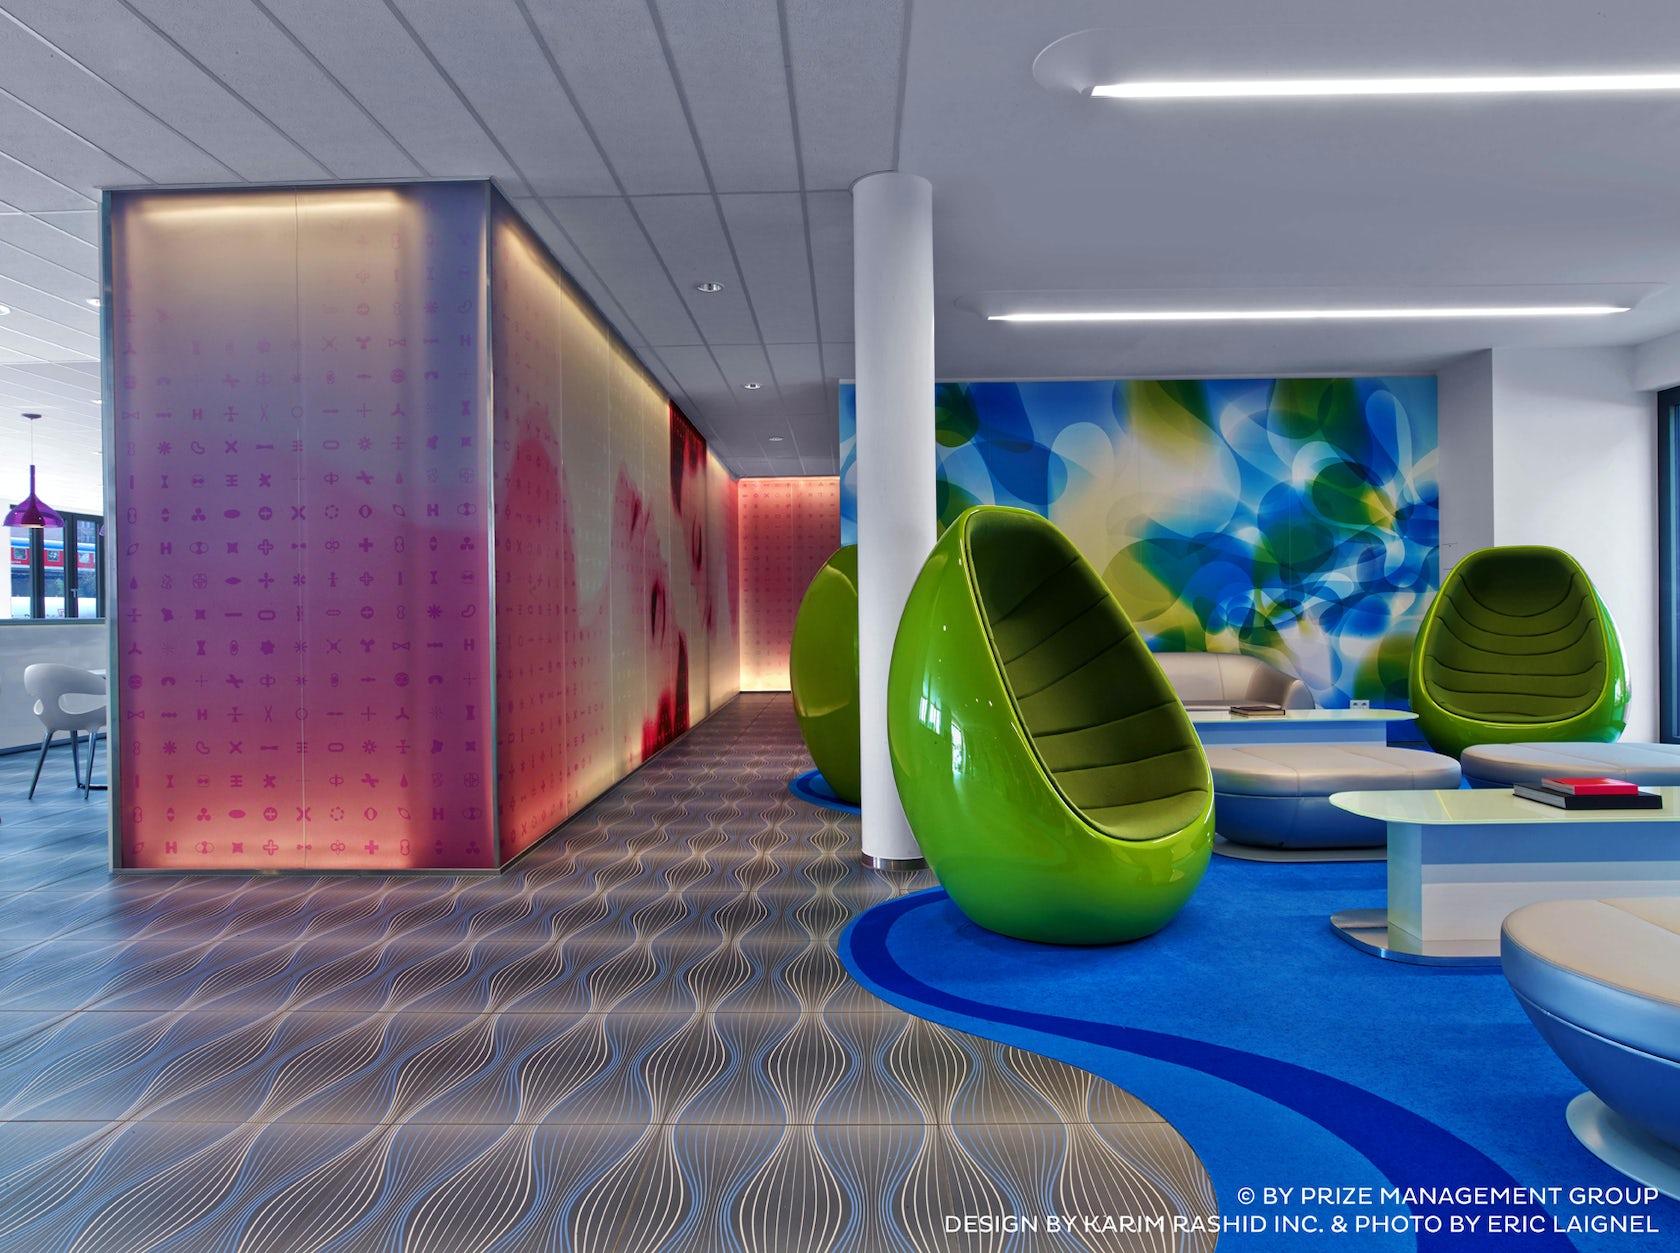 prizeotel hamburg architizer. Black Bedroom Furniture Sets. Home Design Ideas